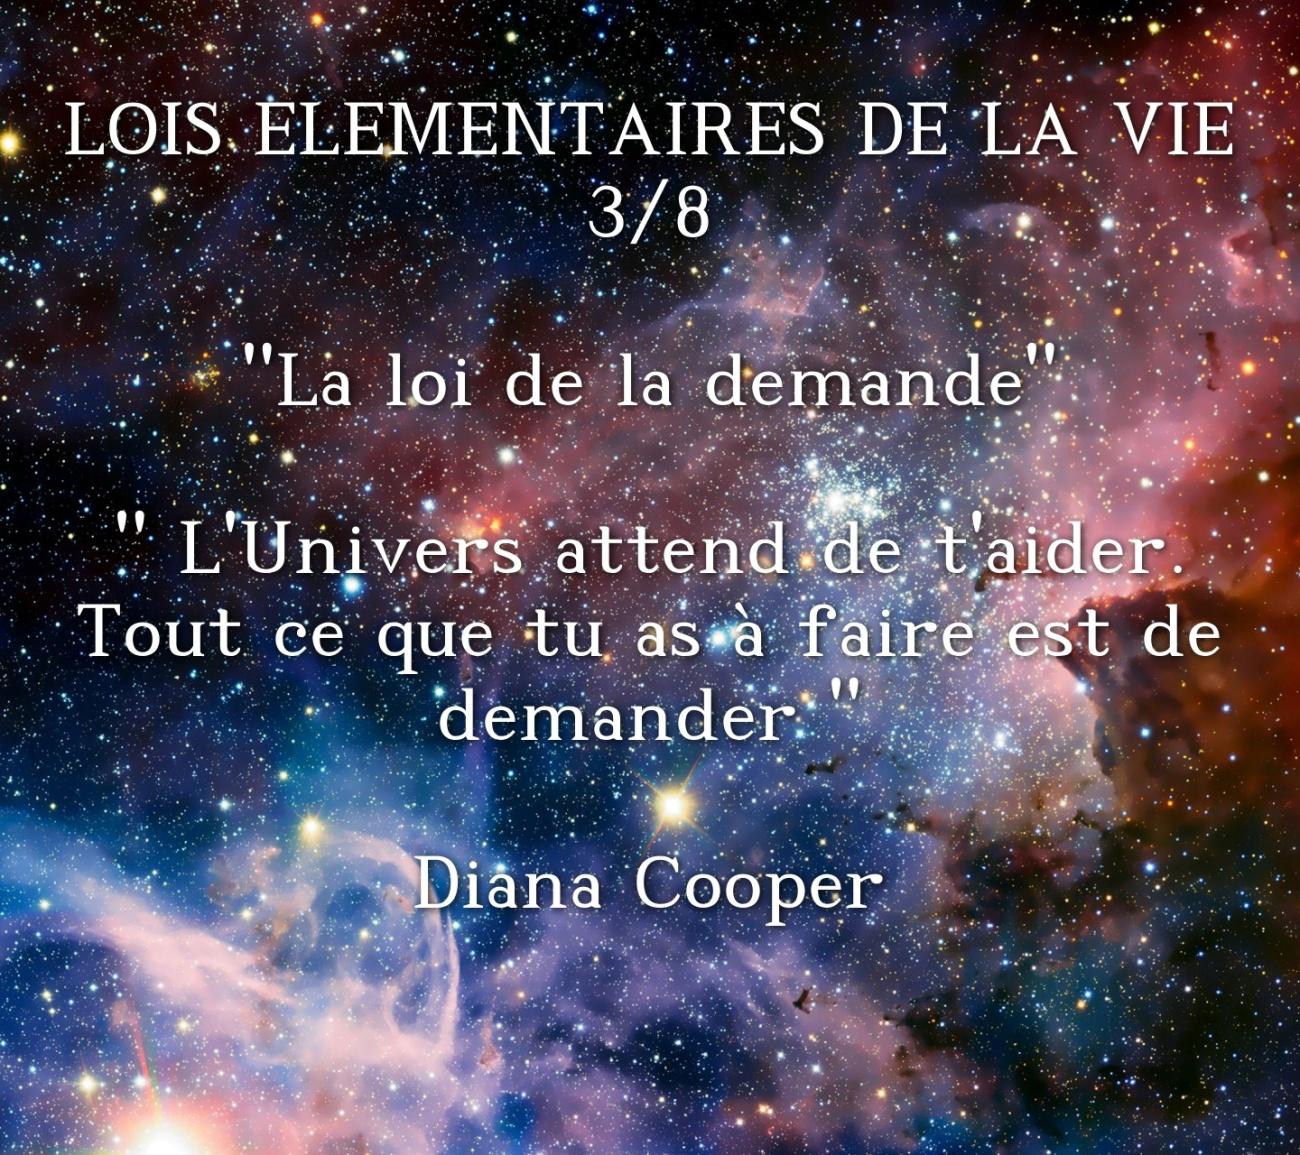 wp-LOIS-ELEMENTAIRES-DE-LA-VIE-3-8-La-loi-d_1536844724